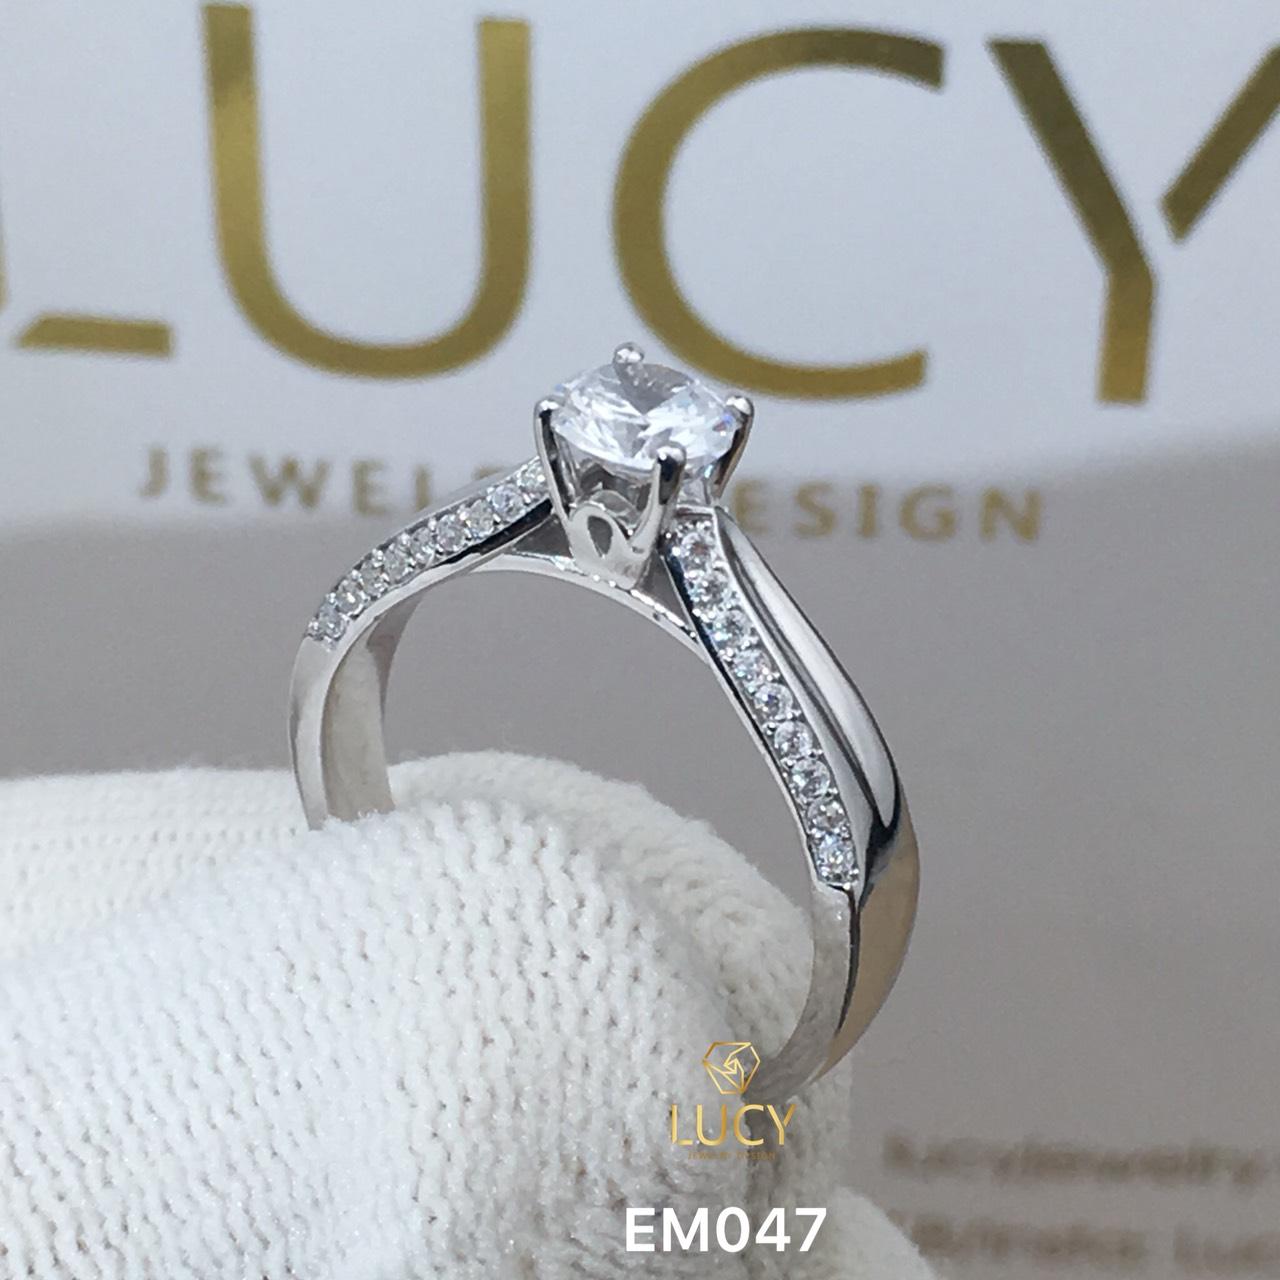 EM047 Nhẫn nữ vàng, nhẫn ổ 6mm - 6.3mm, nhẫn nữ thiết kế, nhẫn cầu hôn, nhẫn đính hôn - Lucy Jewelry